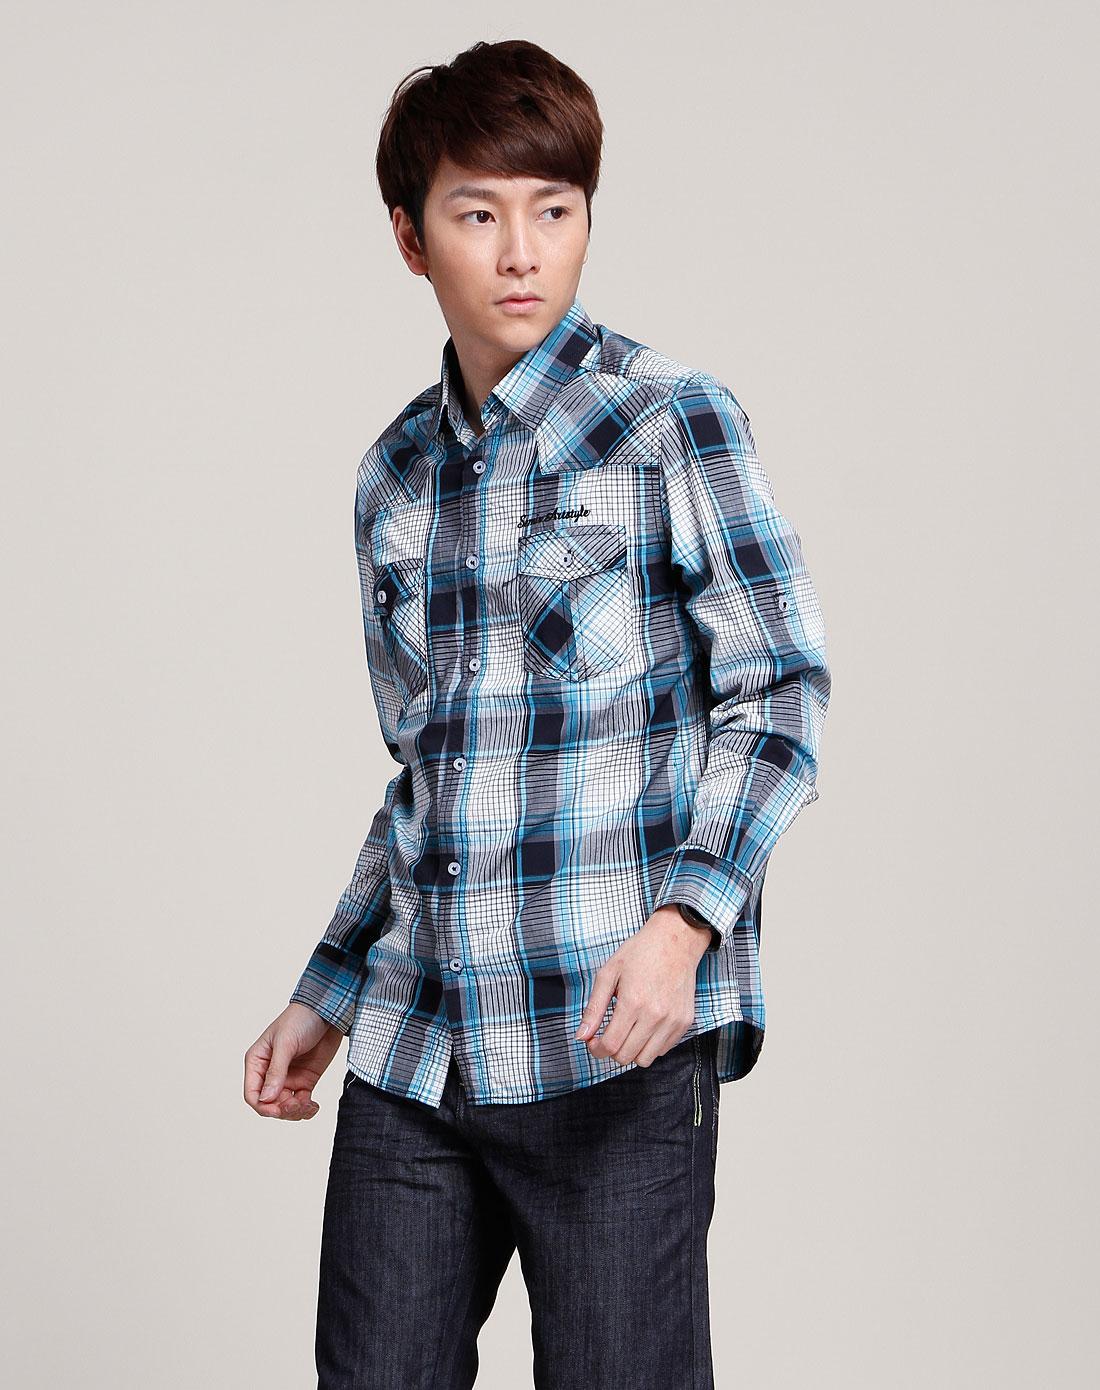 森马蓝/黑/灰色格纹长袖衬衫083141005-084图片